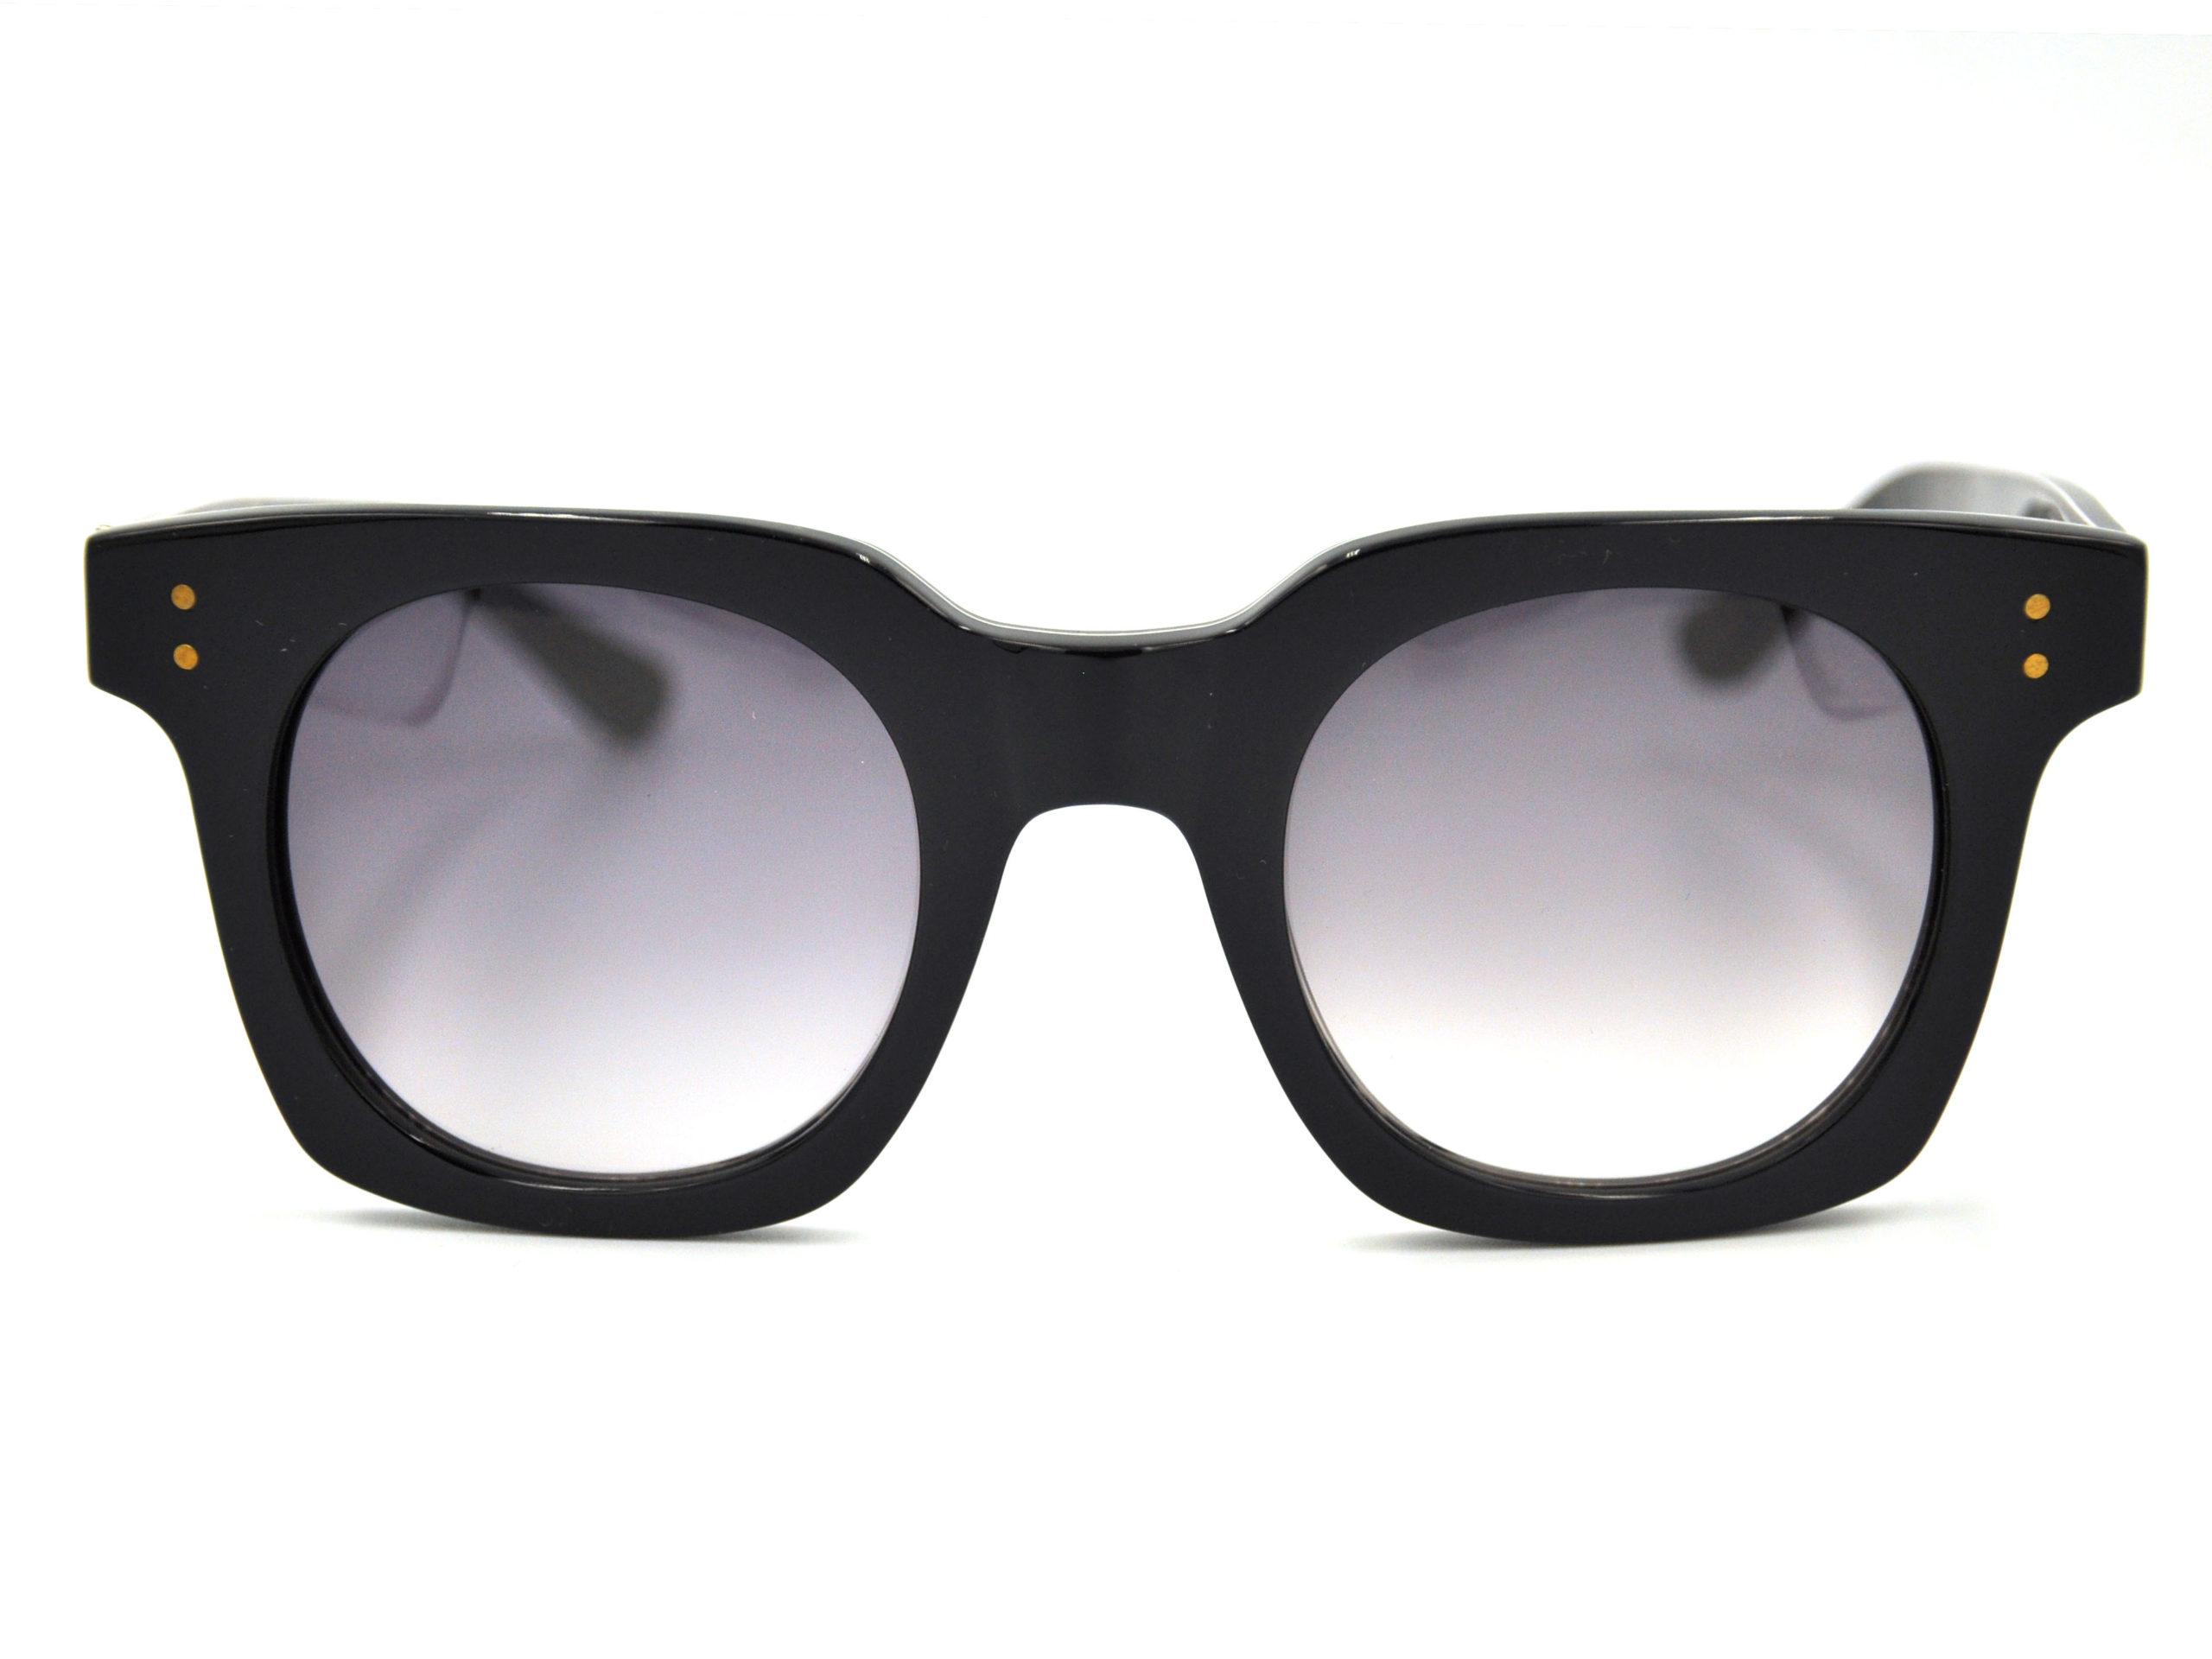 Γυαλιά ηλίου Porter & Reynard SHIRLEY C1 Πειραιάς